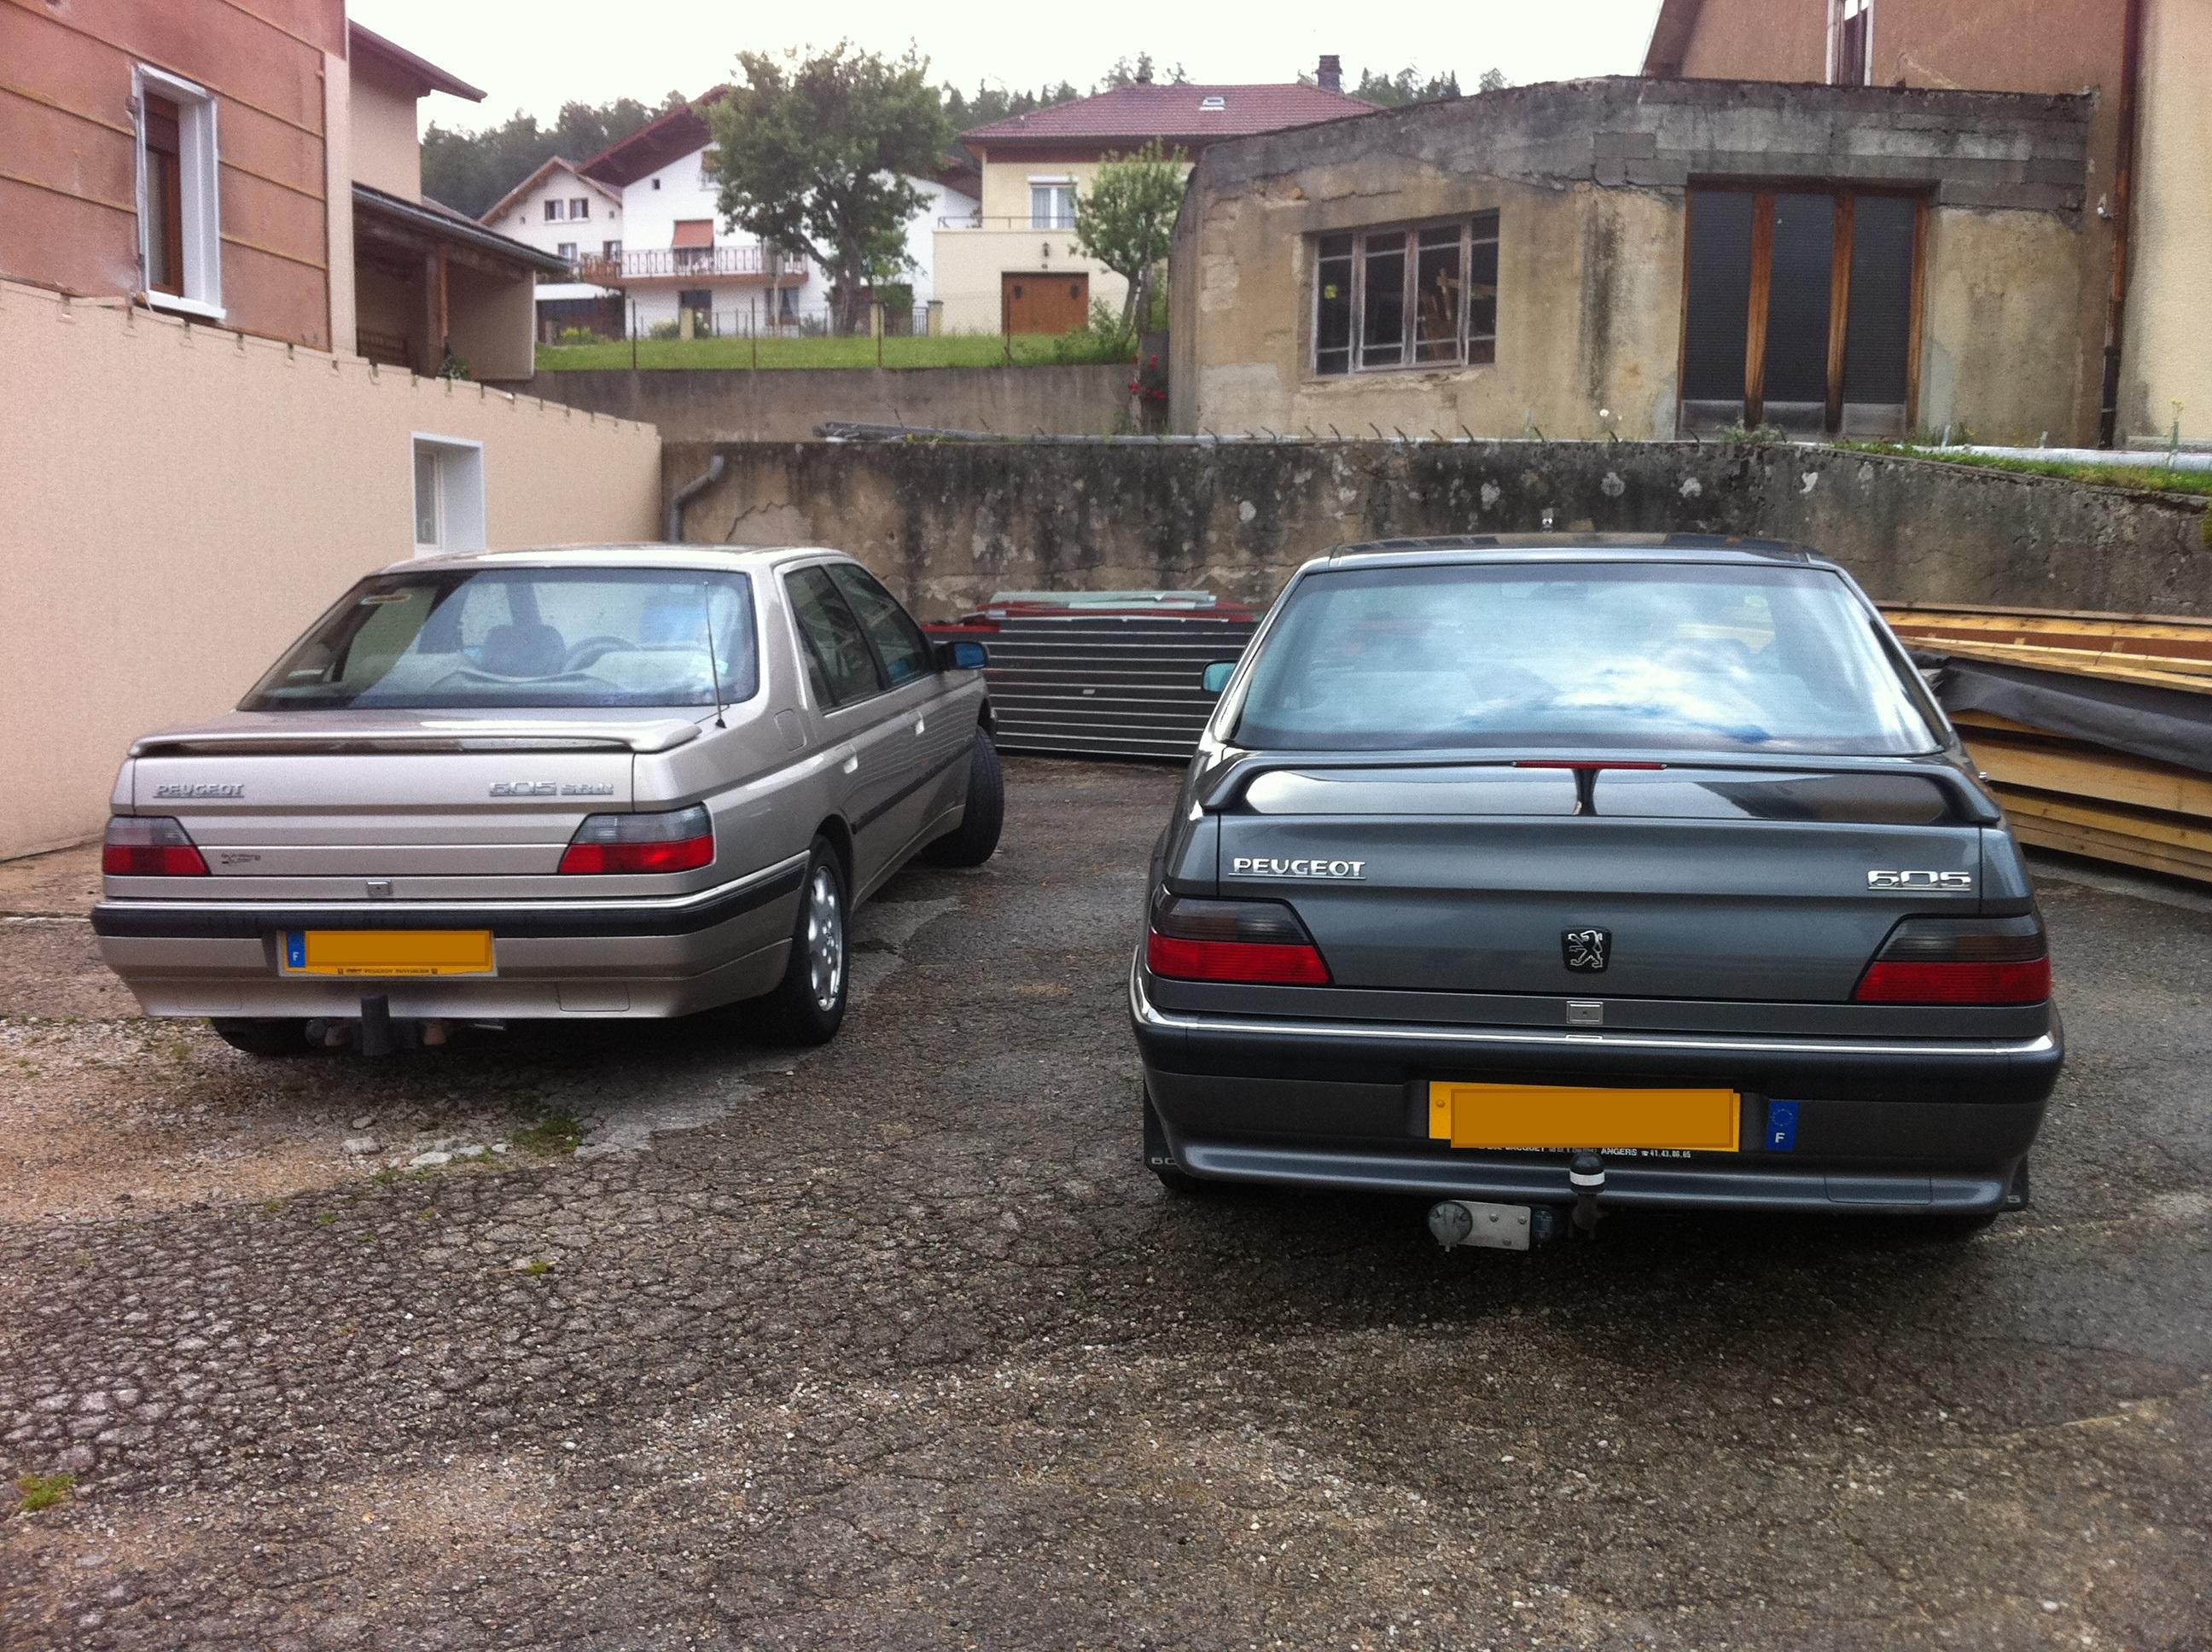 File:Vue arrière Peugeot 605 série 1 et série 2.JPG